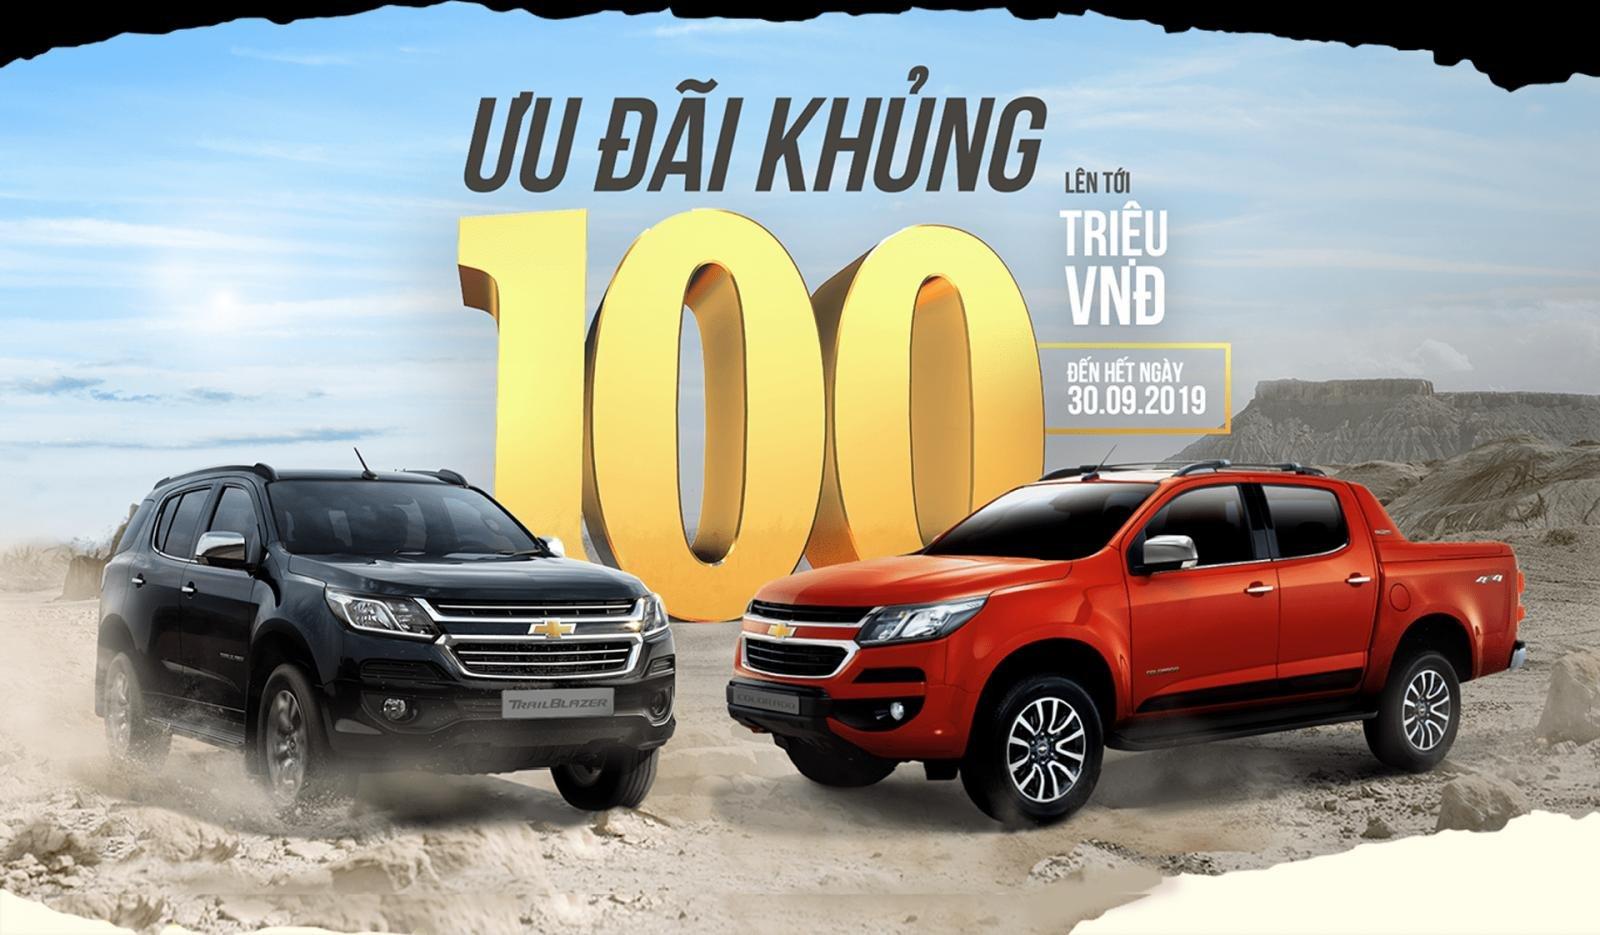 VinFast ưu đãi xe Chevrolet tháng 9 lên đến 100 triệu đồng a1